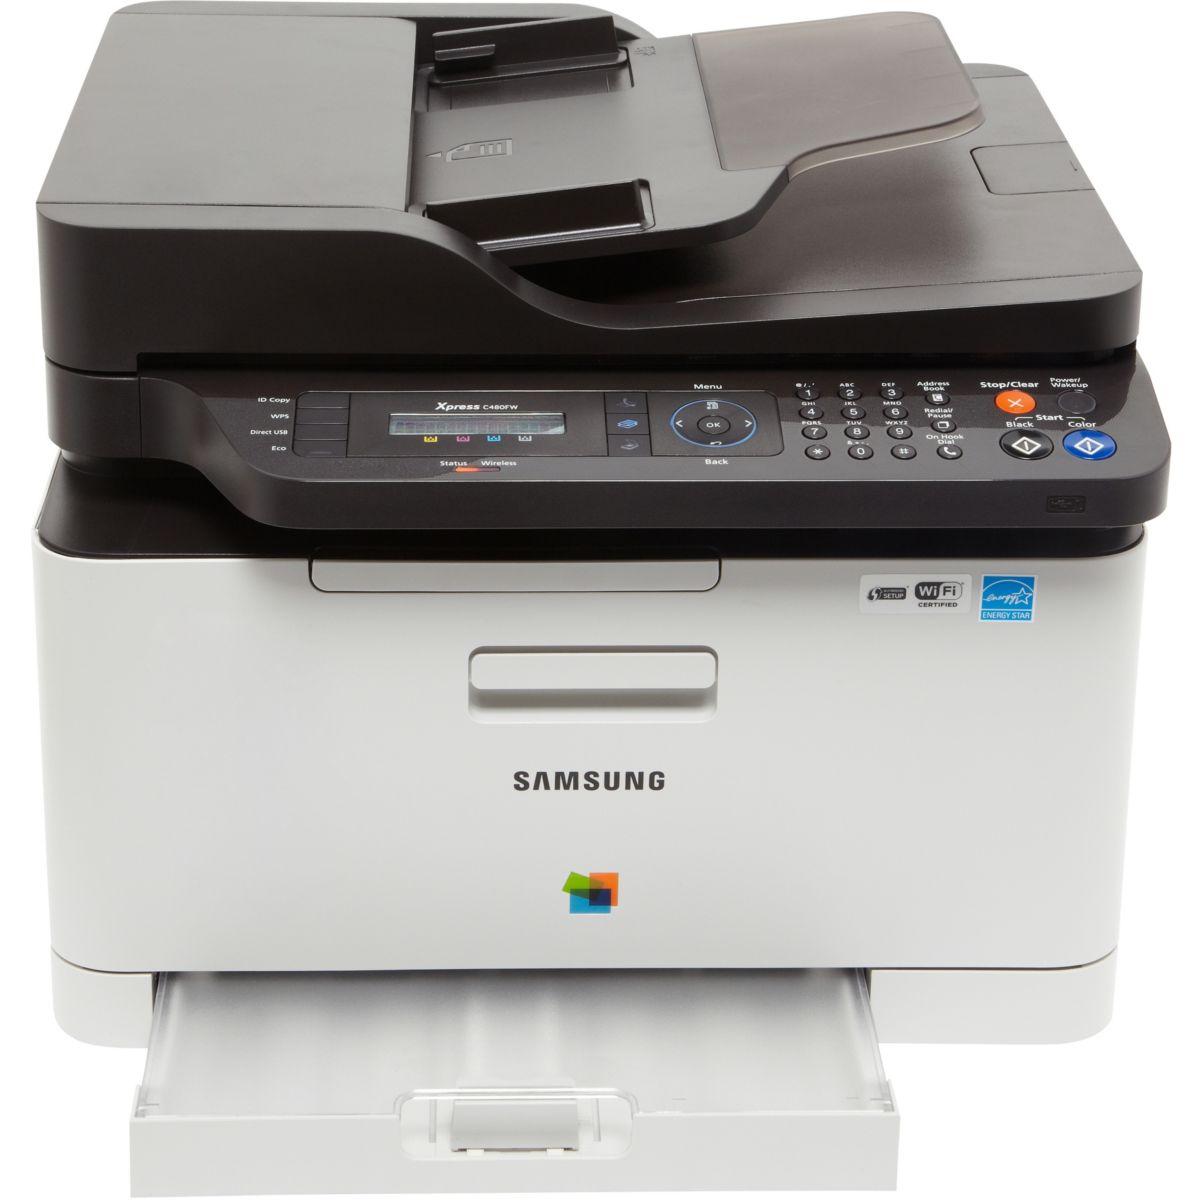 Imprimante multifonction laser couleur samsung sl-c480fw - livraison offerte : code liv (photo)